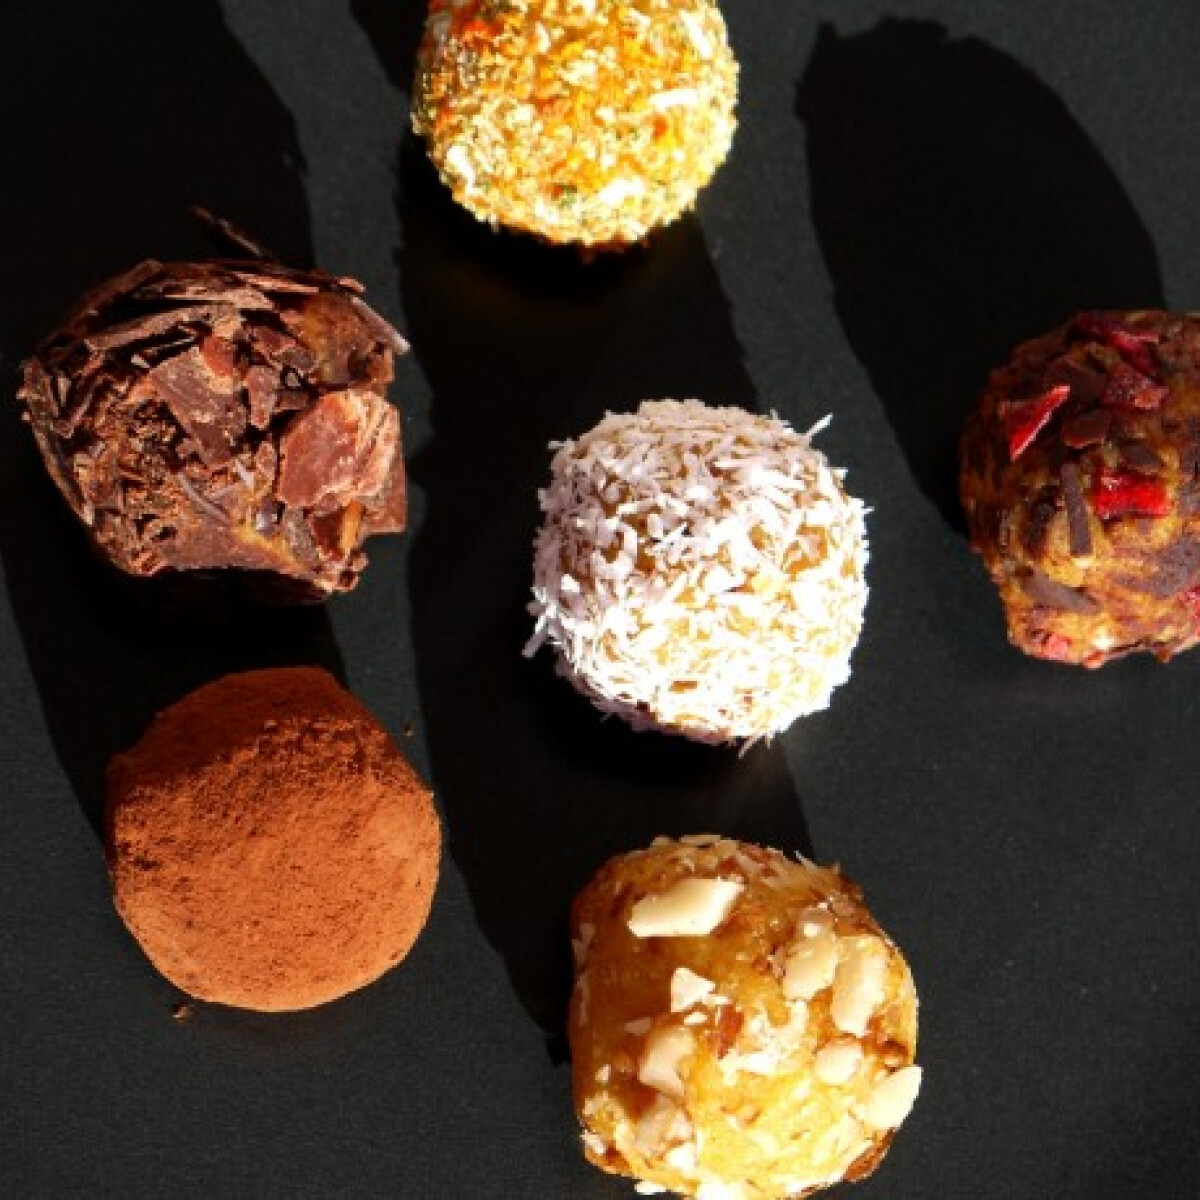 Ezen a képen: Narancsos-sütőtökös kekszgolyó